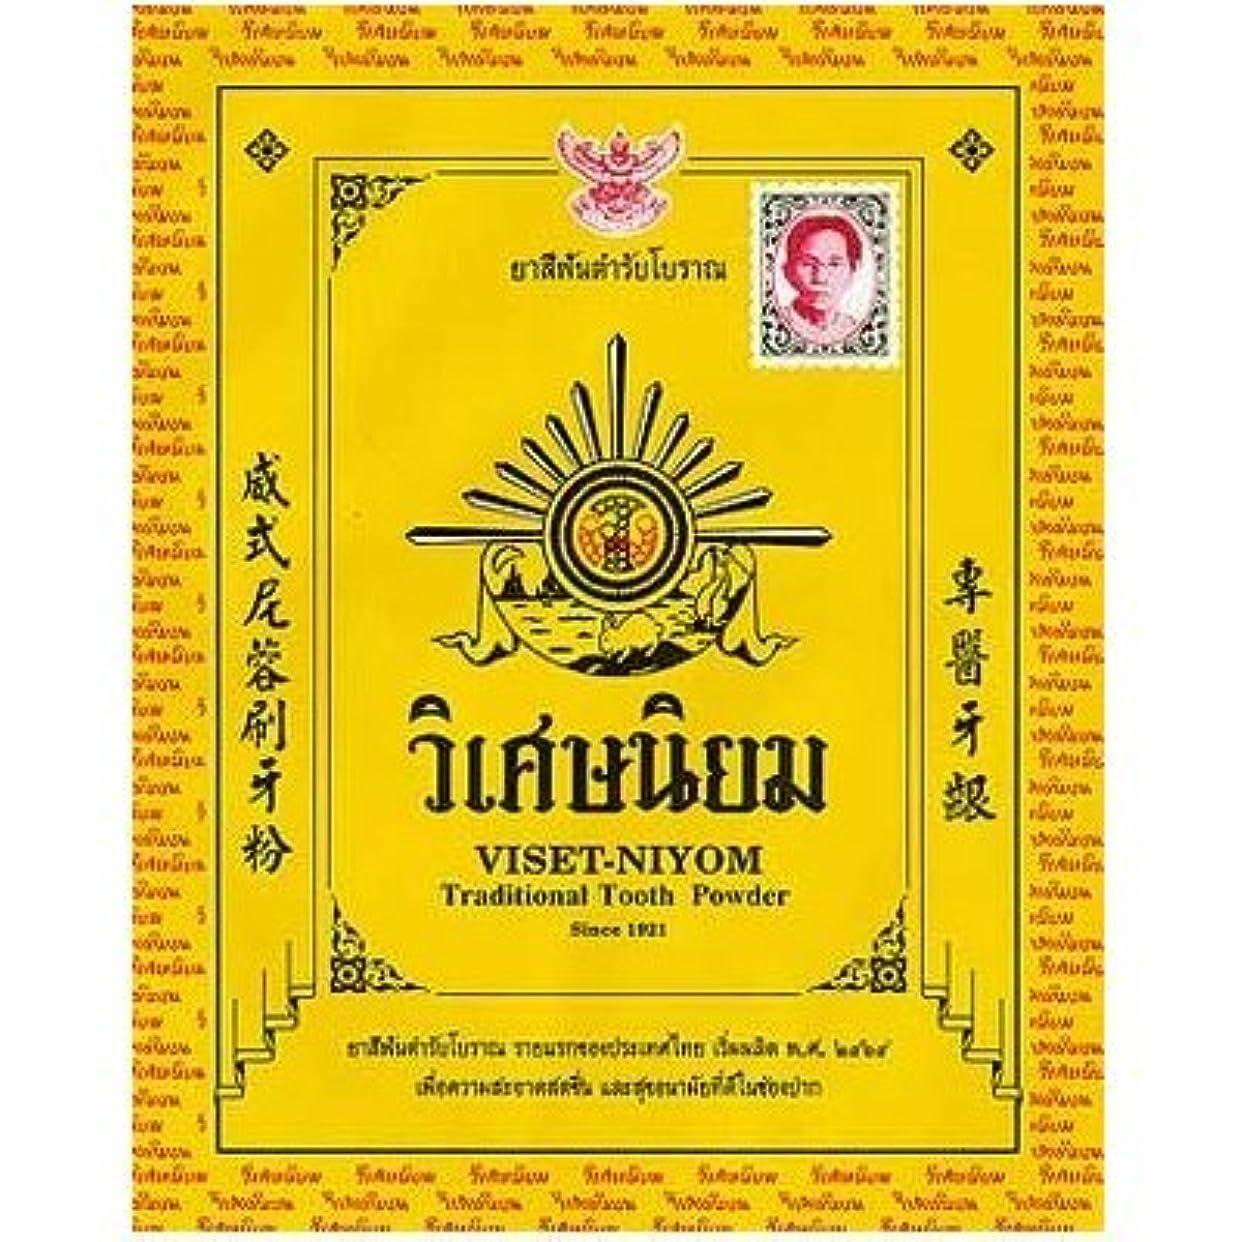 装置うれしいライターThai Herbal Whitening Tooth Powder Original Thai Traditional Toothpaste 40 G. by Tooth Powder